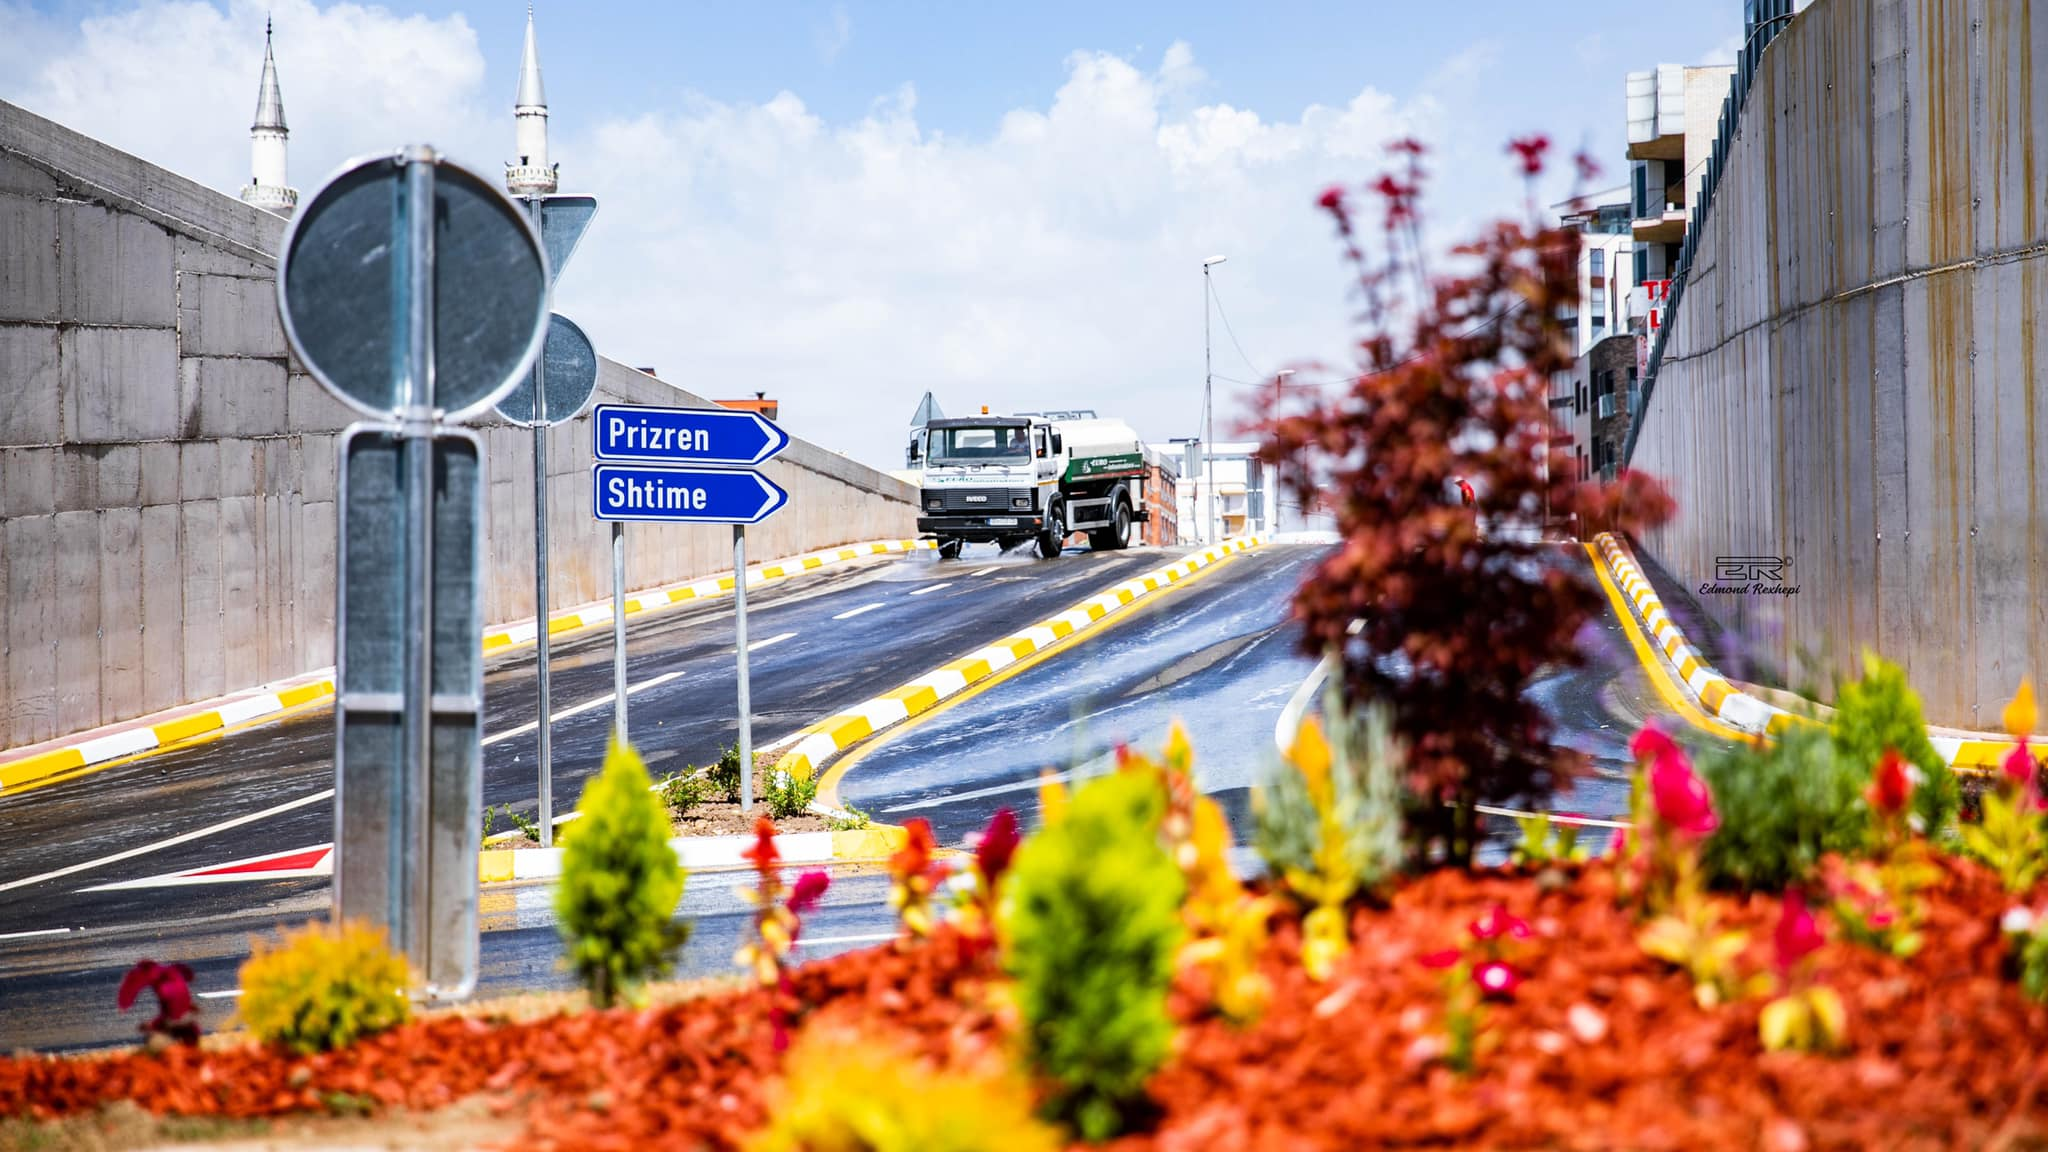 ferizaj 21 - Nuk është në Zvicër por në Ferizaj: Publikohen pamjet nga 'Bashkimi i Qytetit'